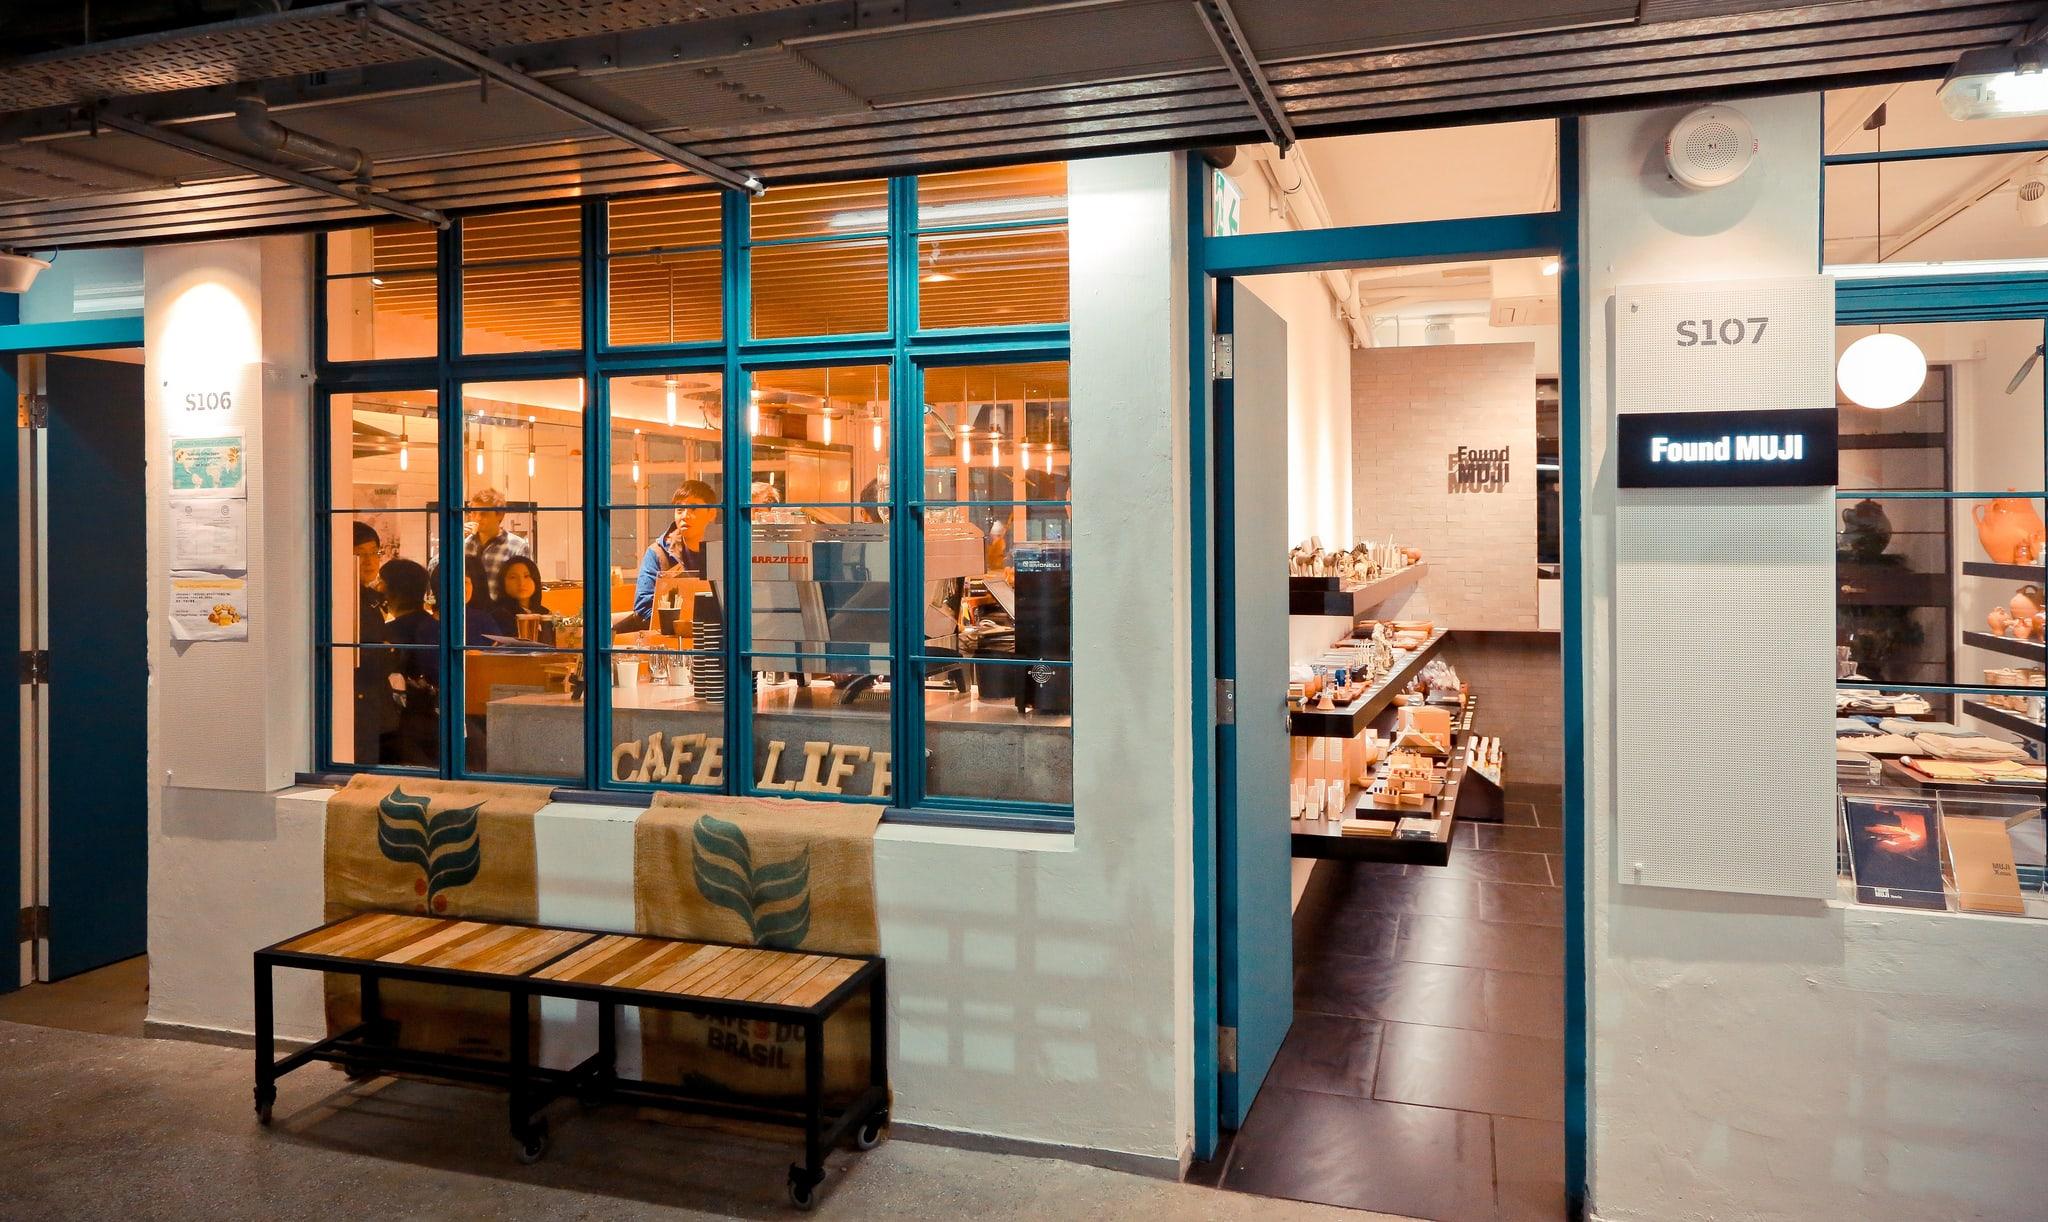 一間間店鋪聚集了各式各樣的設計商品等著有緣人發掘。﹝圖片取自flickr@Simon Tam﹞